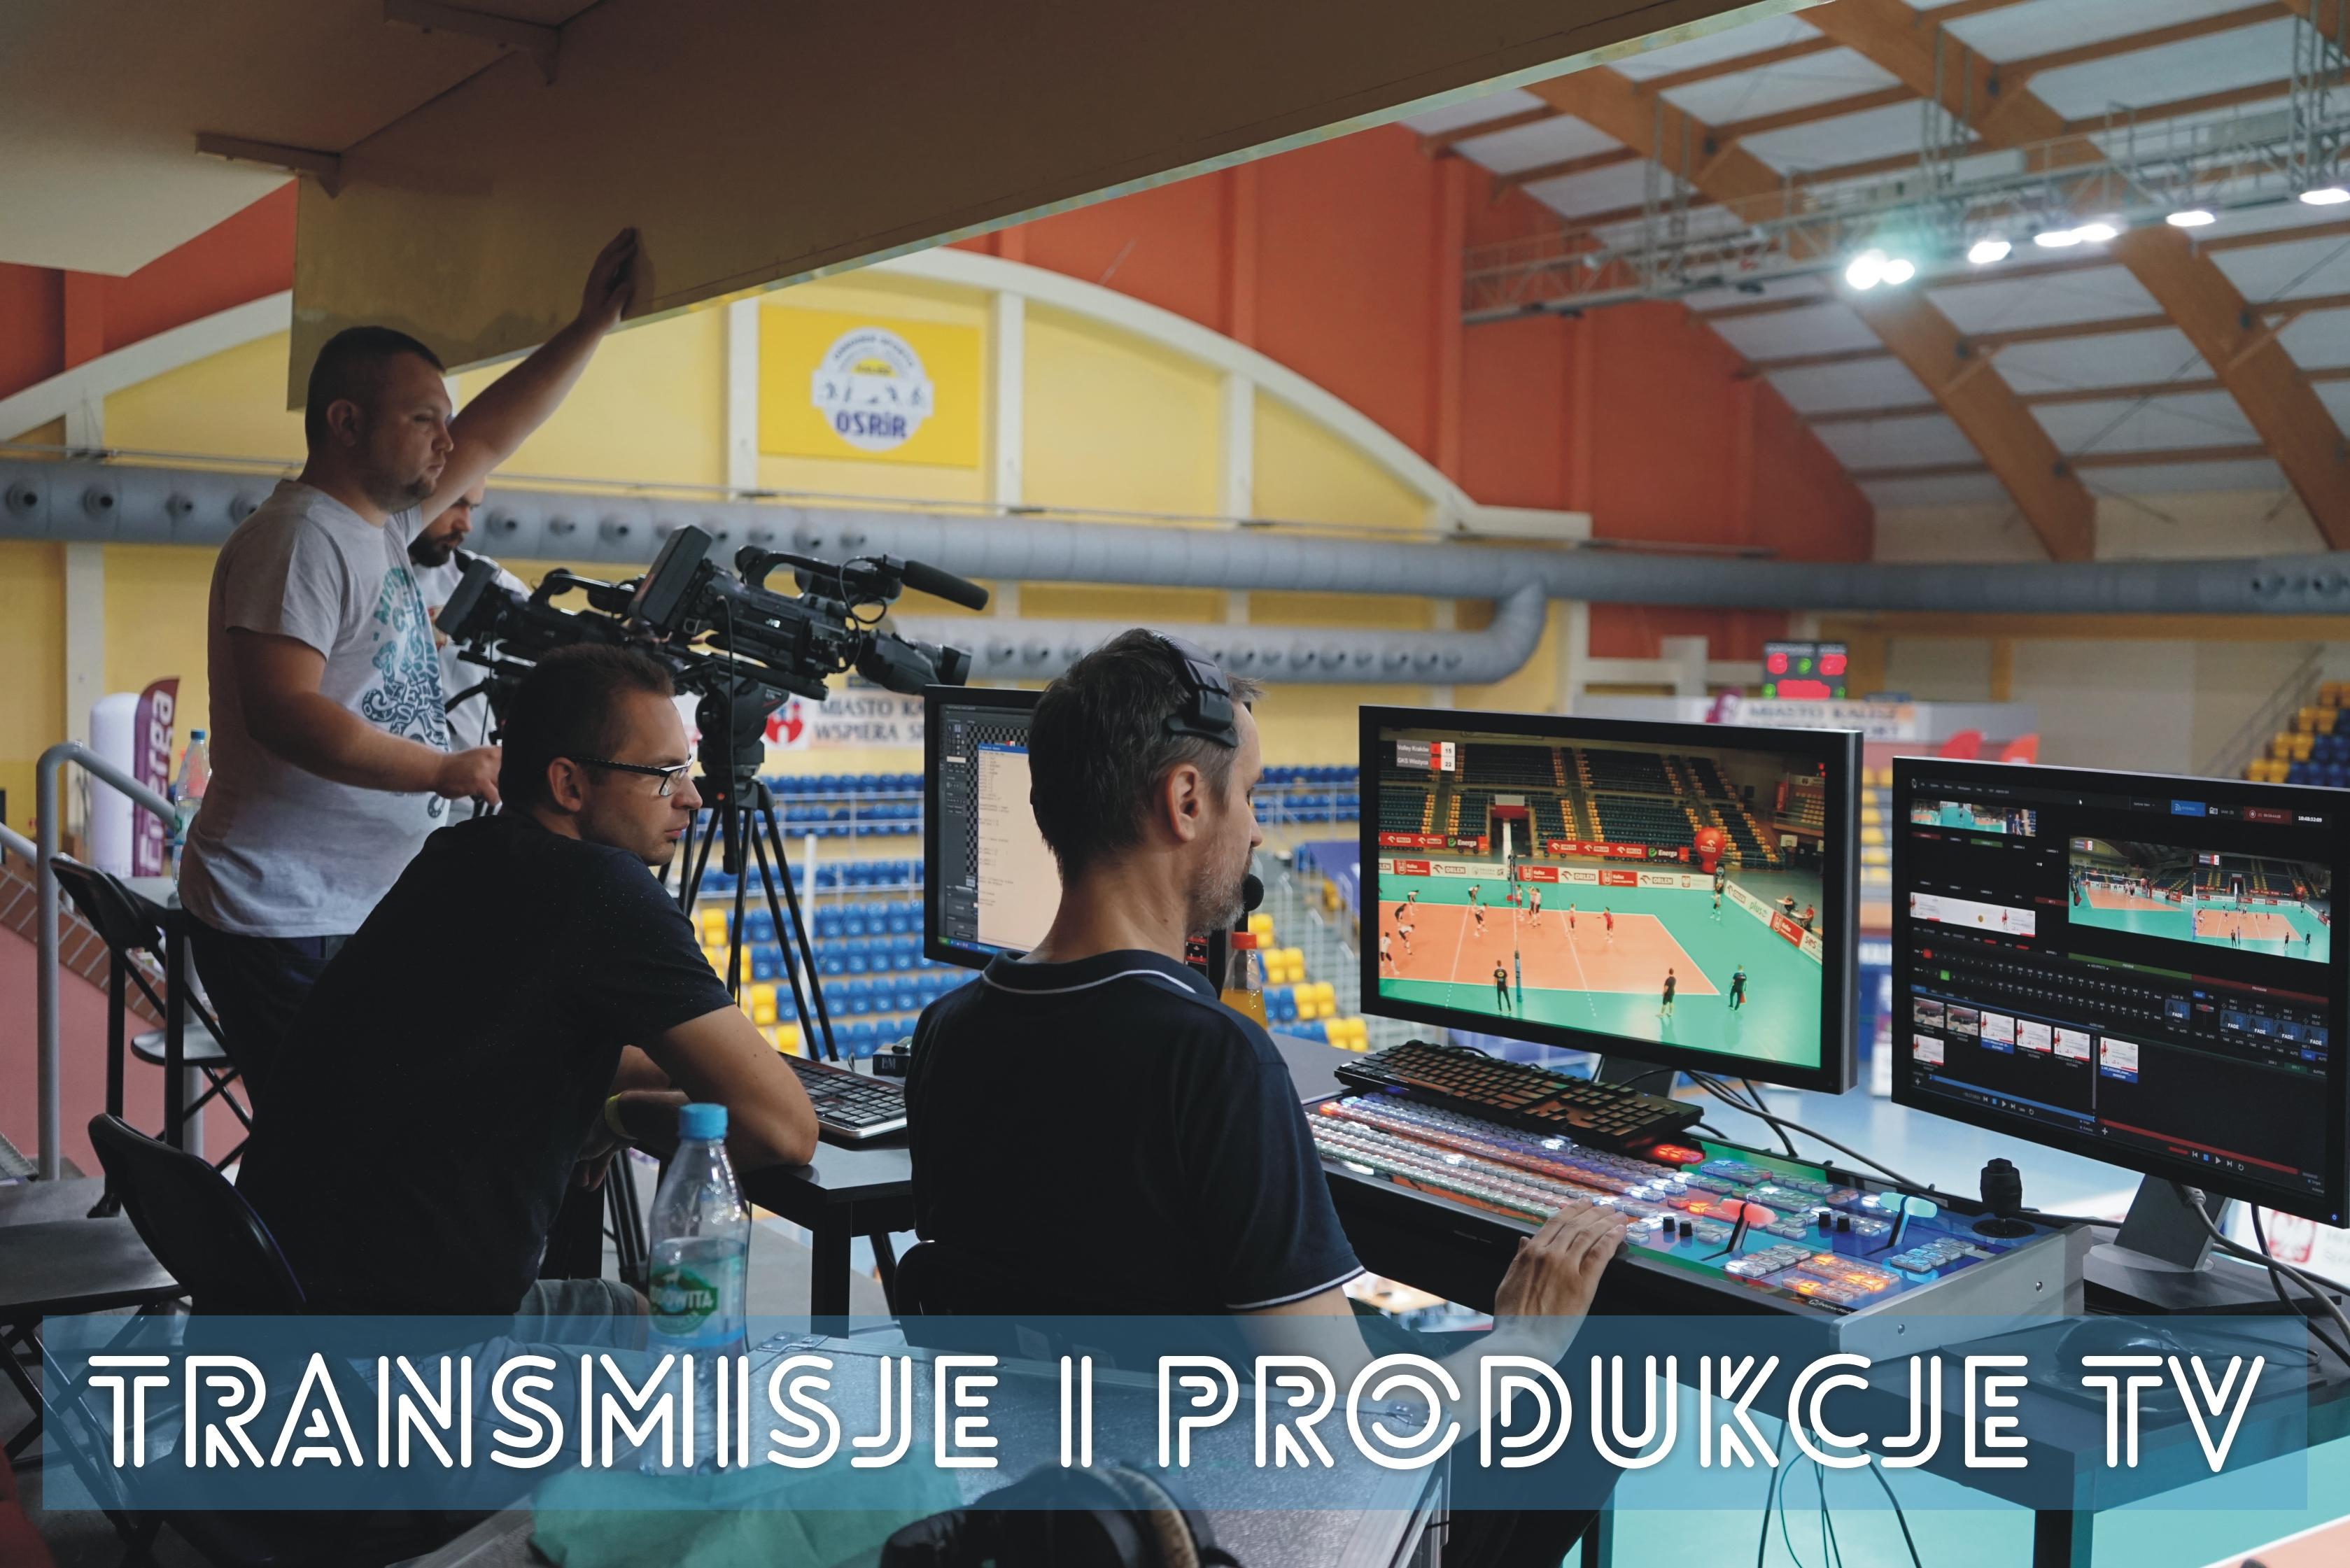 transmisje i produkcje